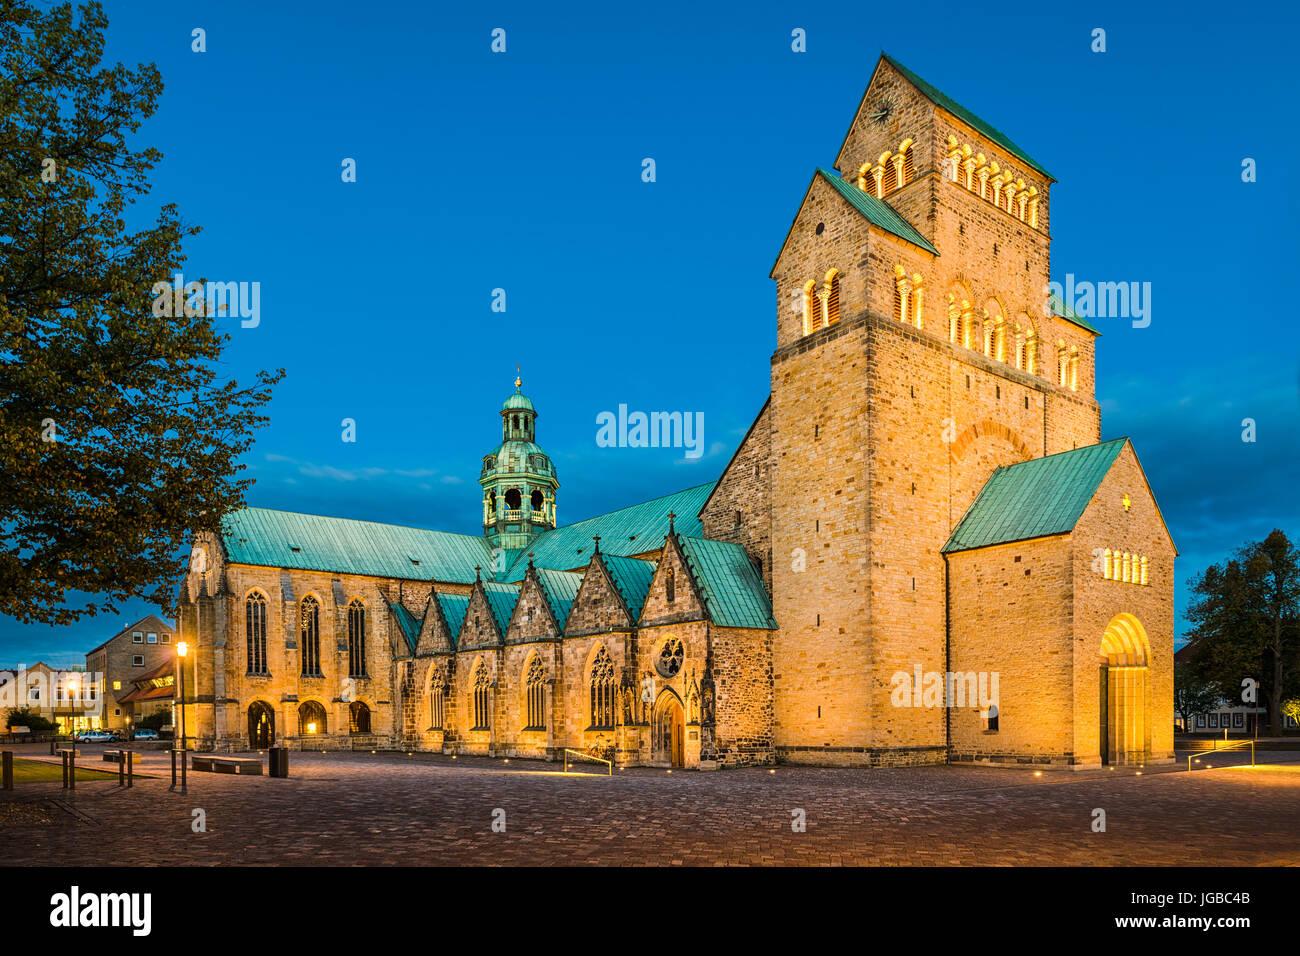 Kathedrale von Hildesheim, Deutschland in der Nacht Stockbild